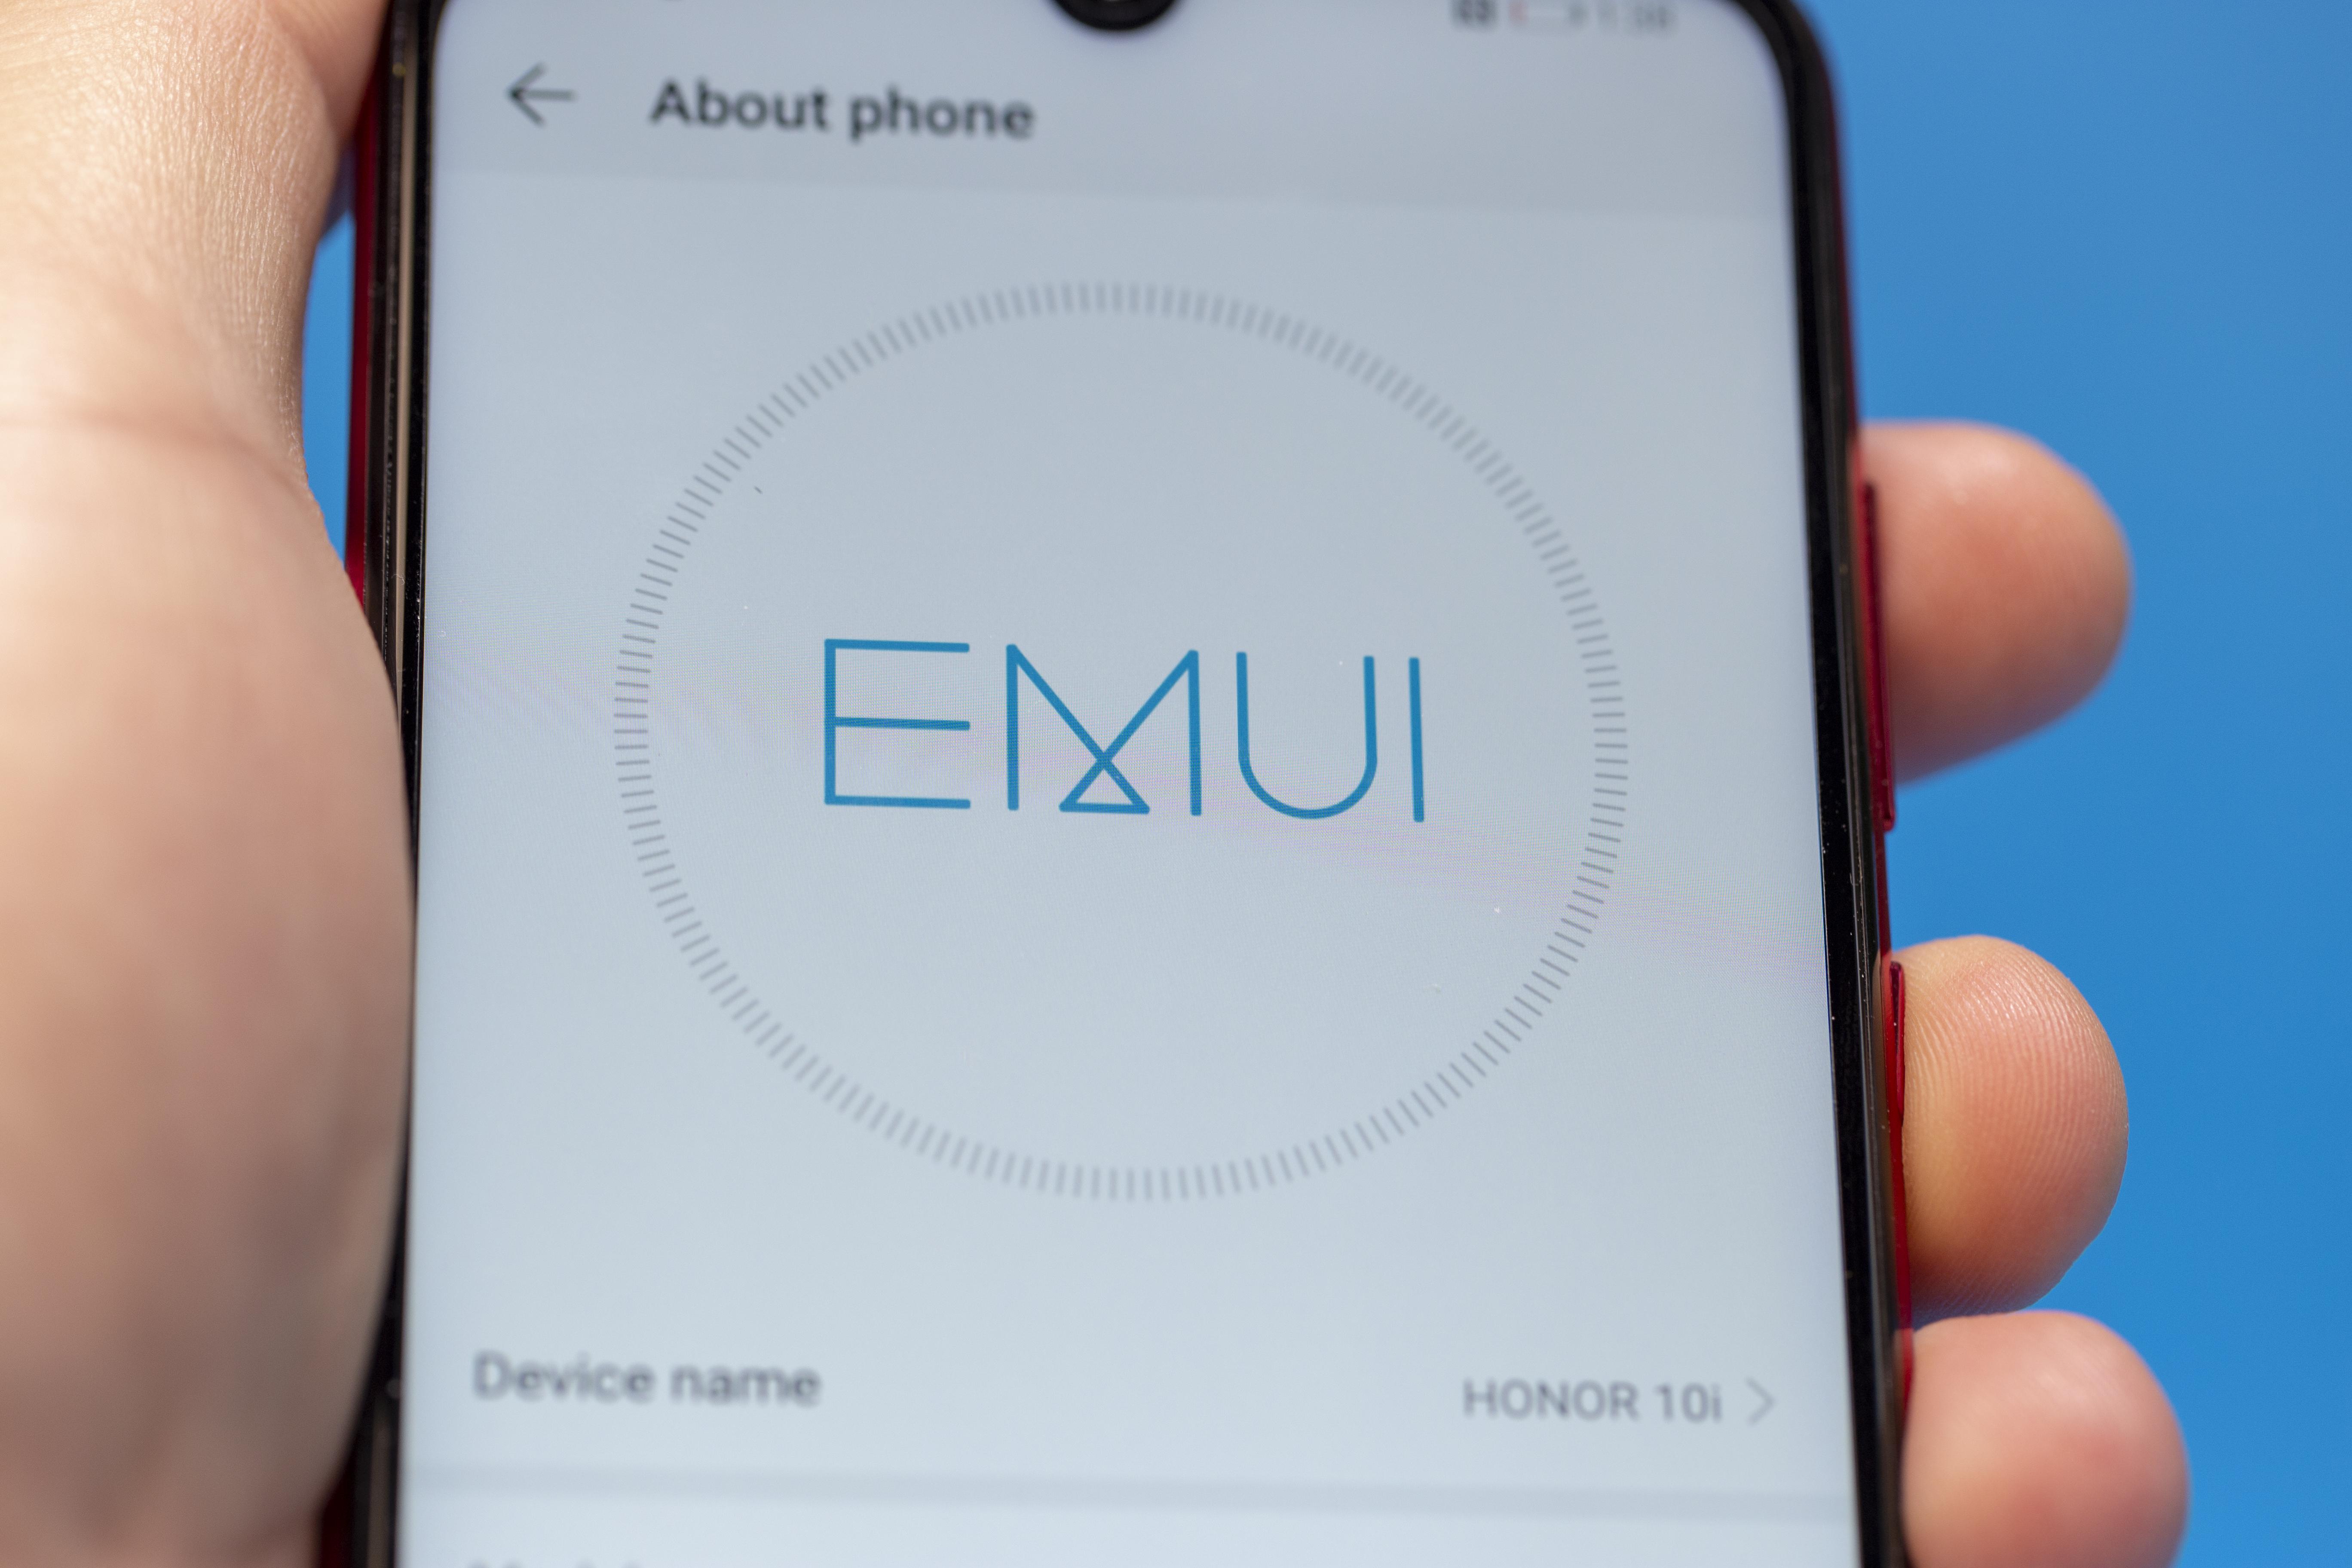 مراجعة هاتف Honor 10i - سعر هاتف Honor 10i